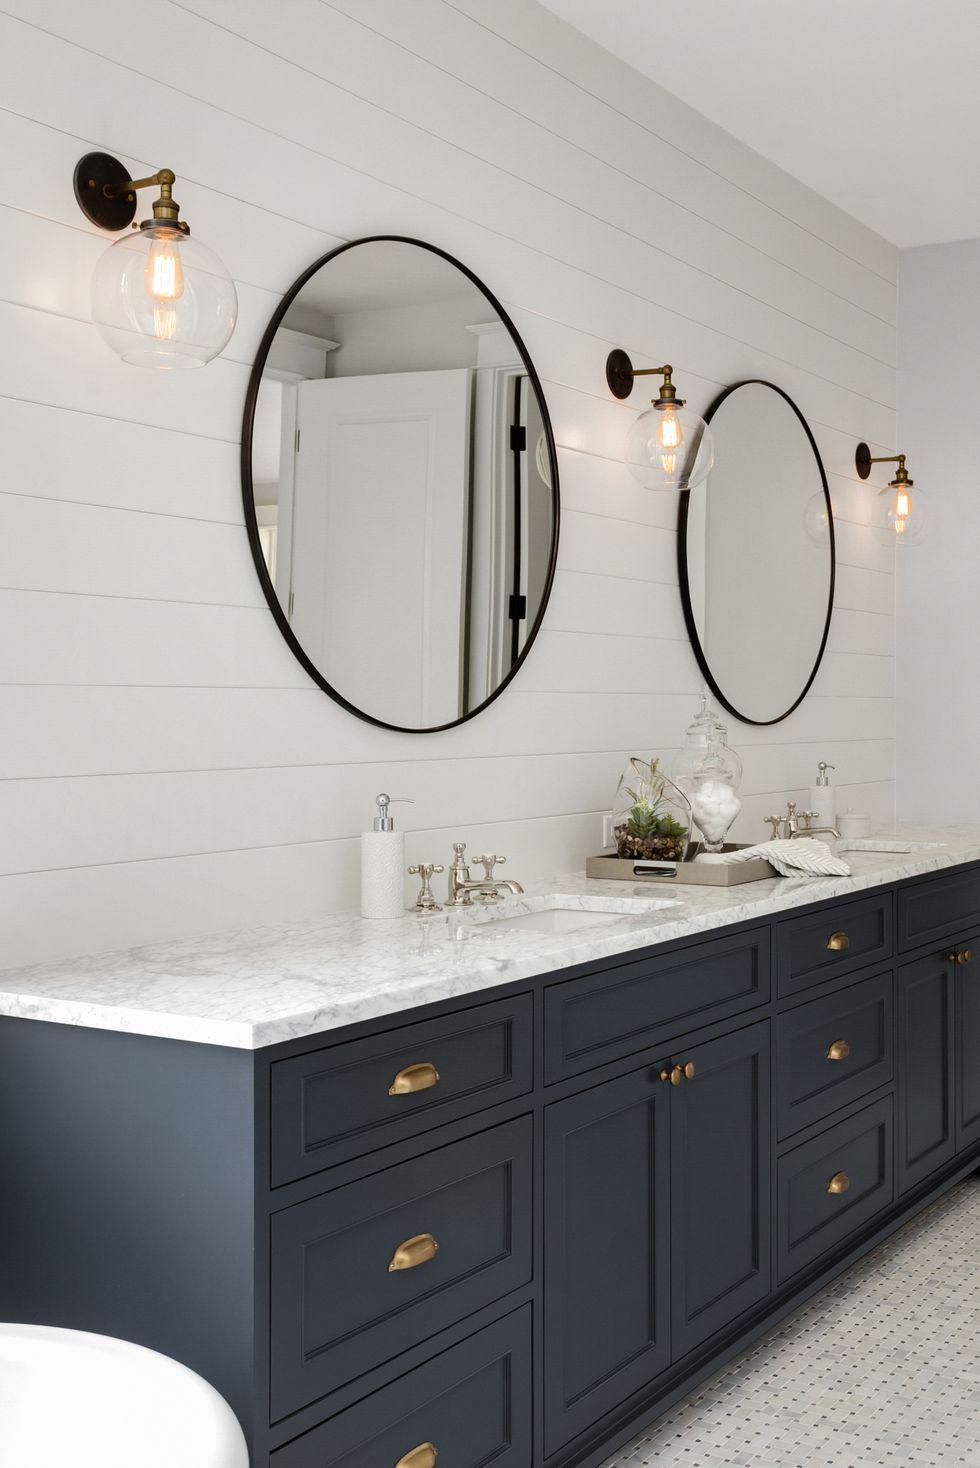 50 Bathroom Design Ideas and Decor Inspiration